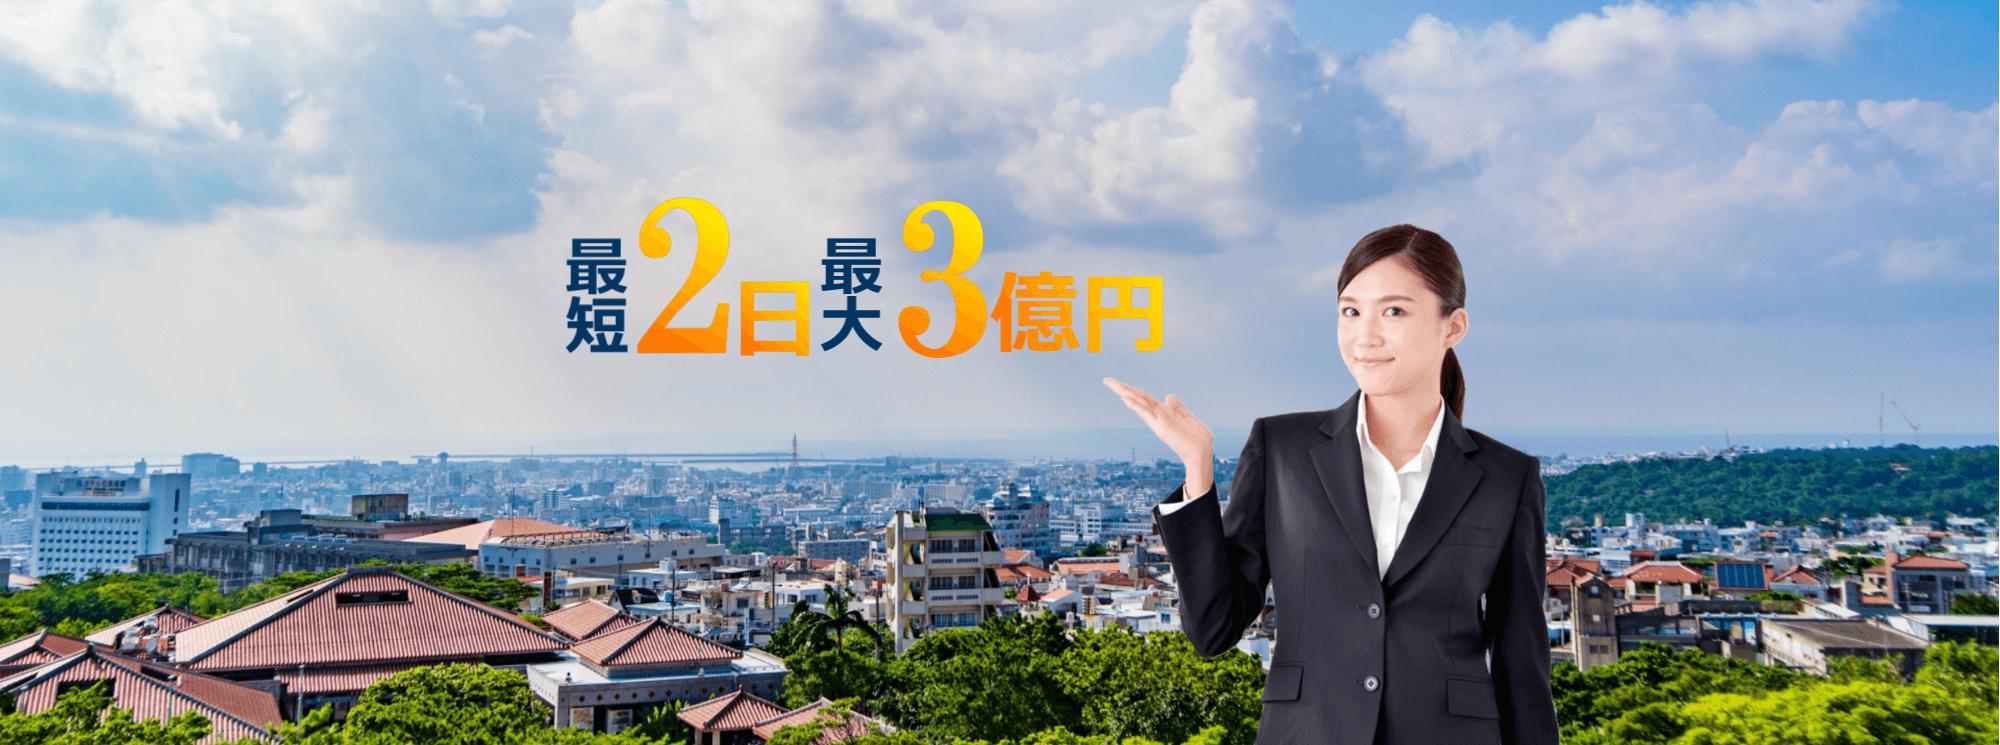 沖縄 不動産担保ローン専門金融会社